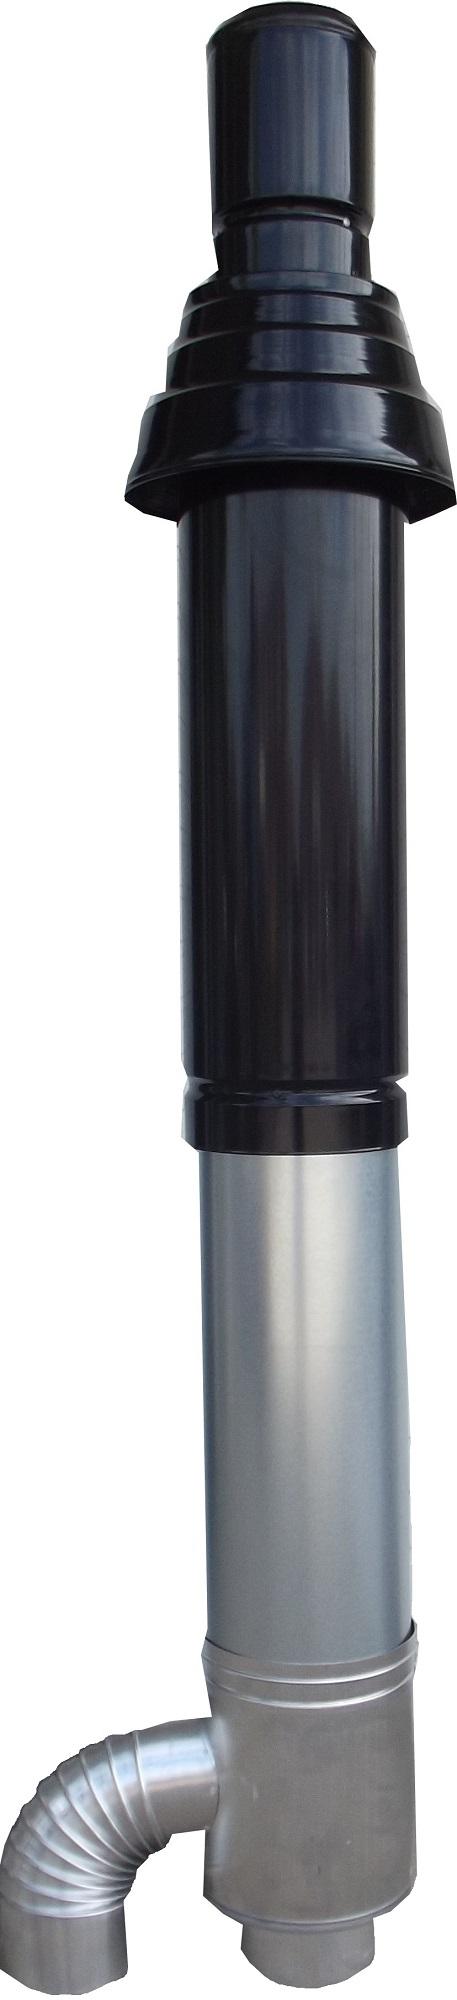 Dakdoorvoer DDV 130/200 HR80-120